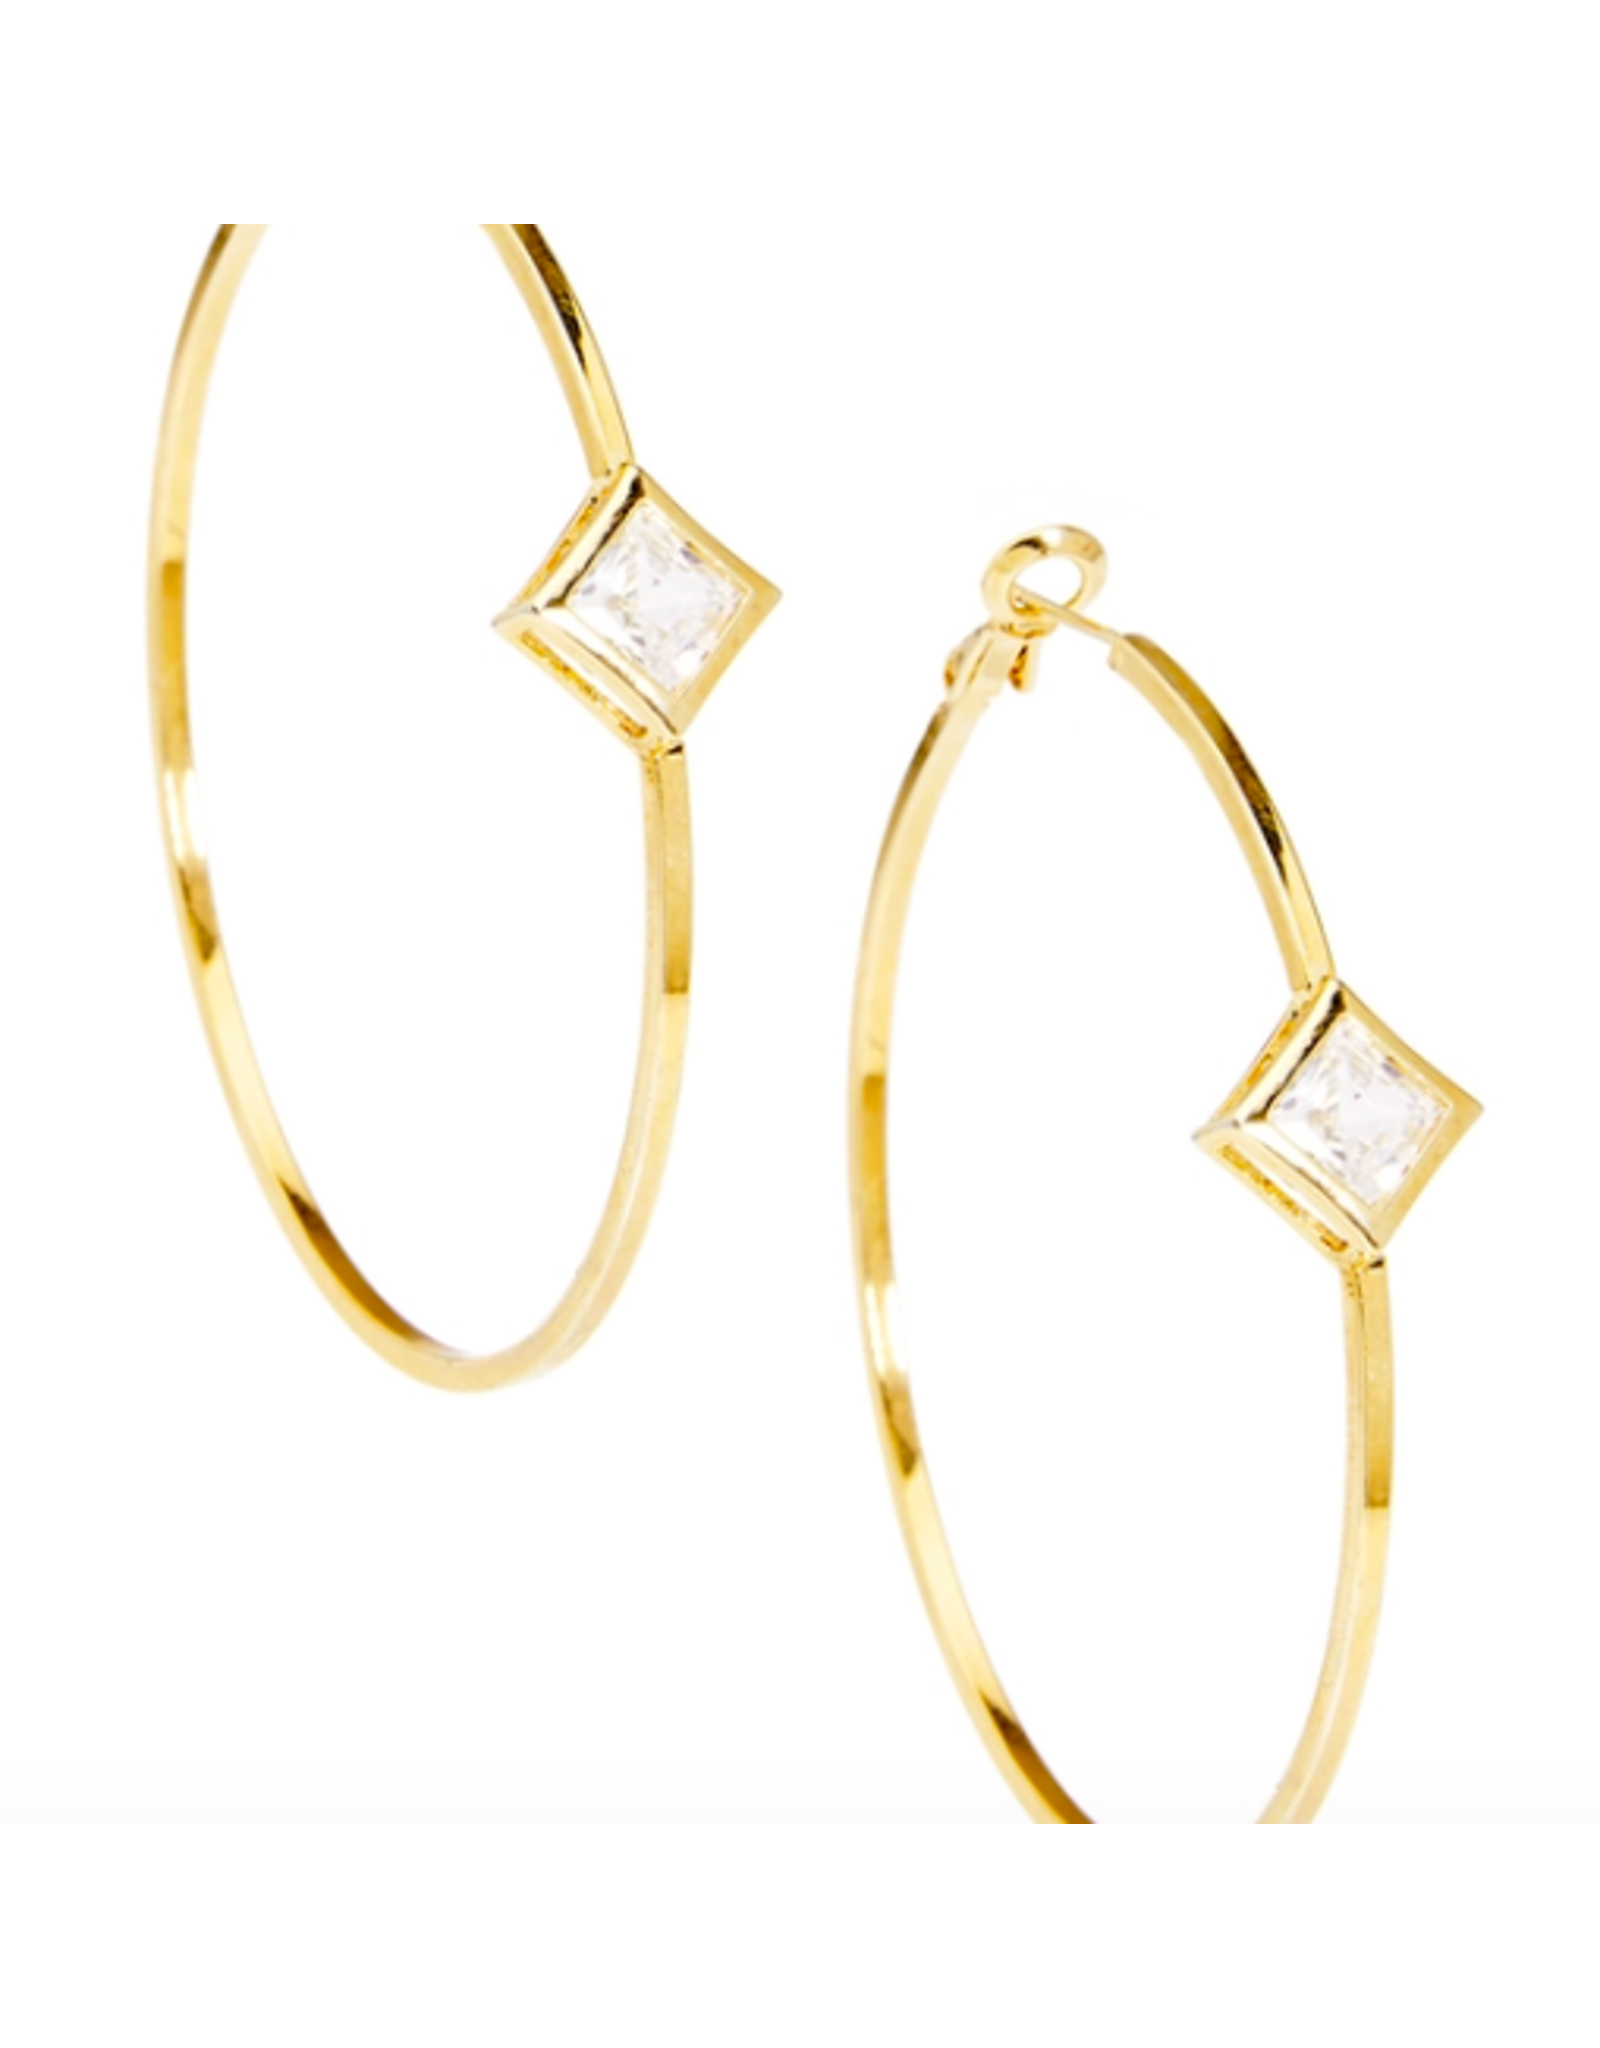 Zenzii Glam Hoop Earring in Gold